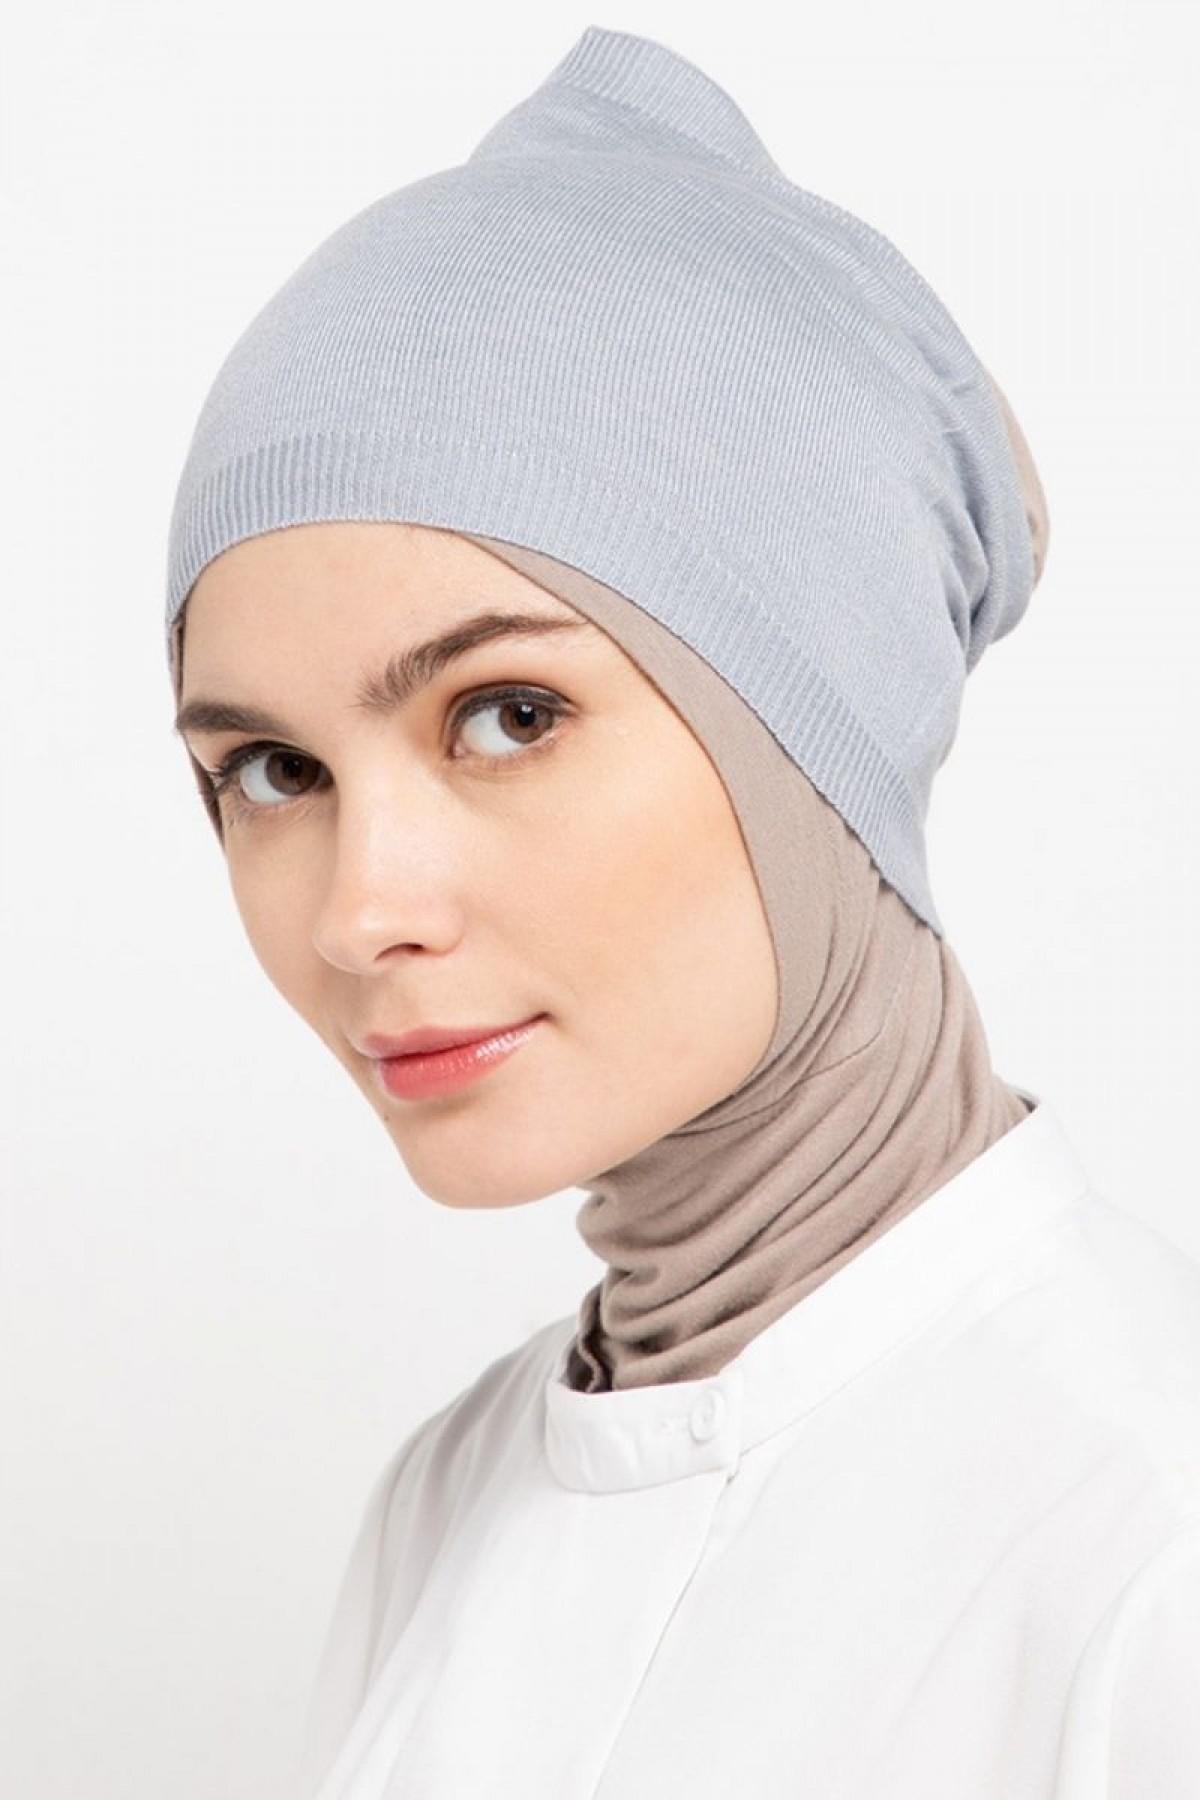 Headband Knitting Dusty Grey Nw - L.tru